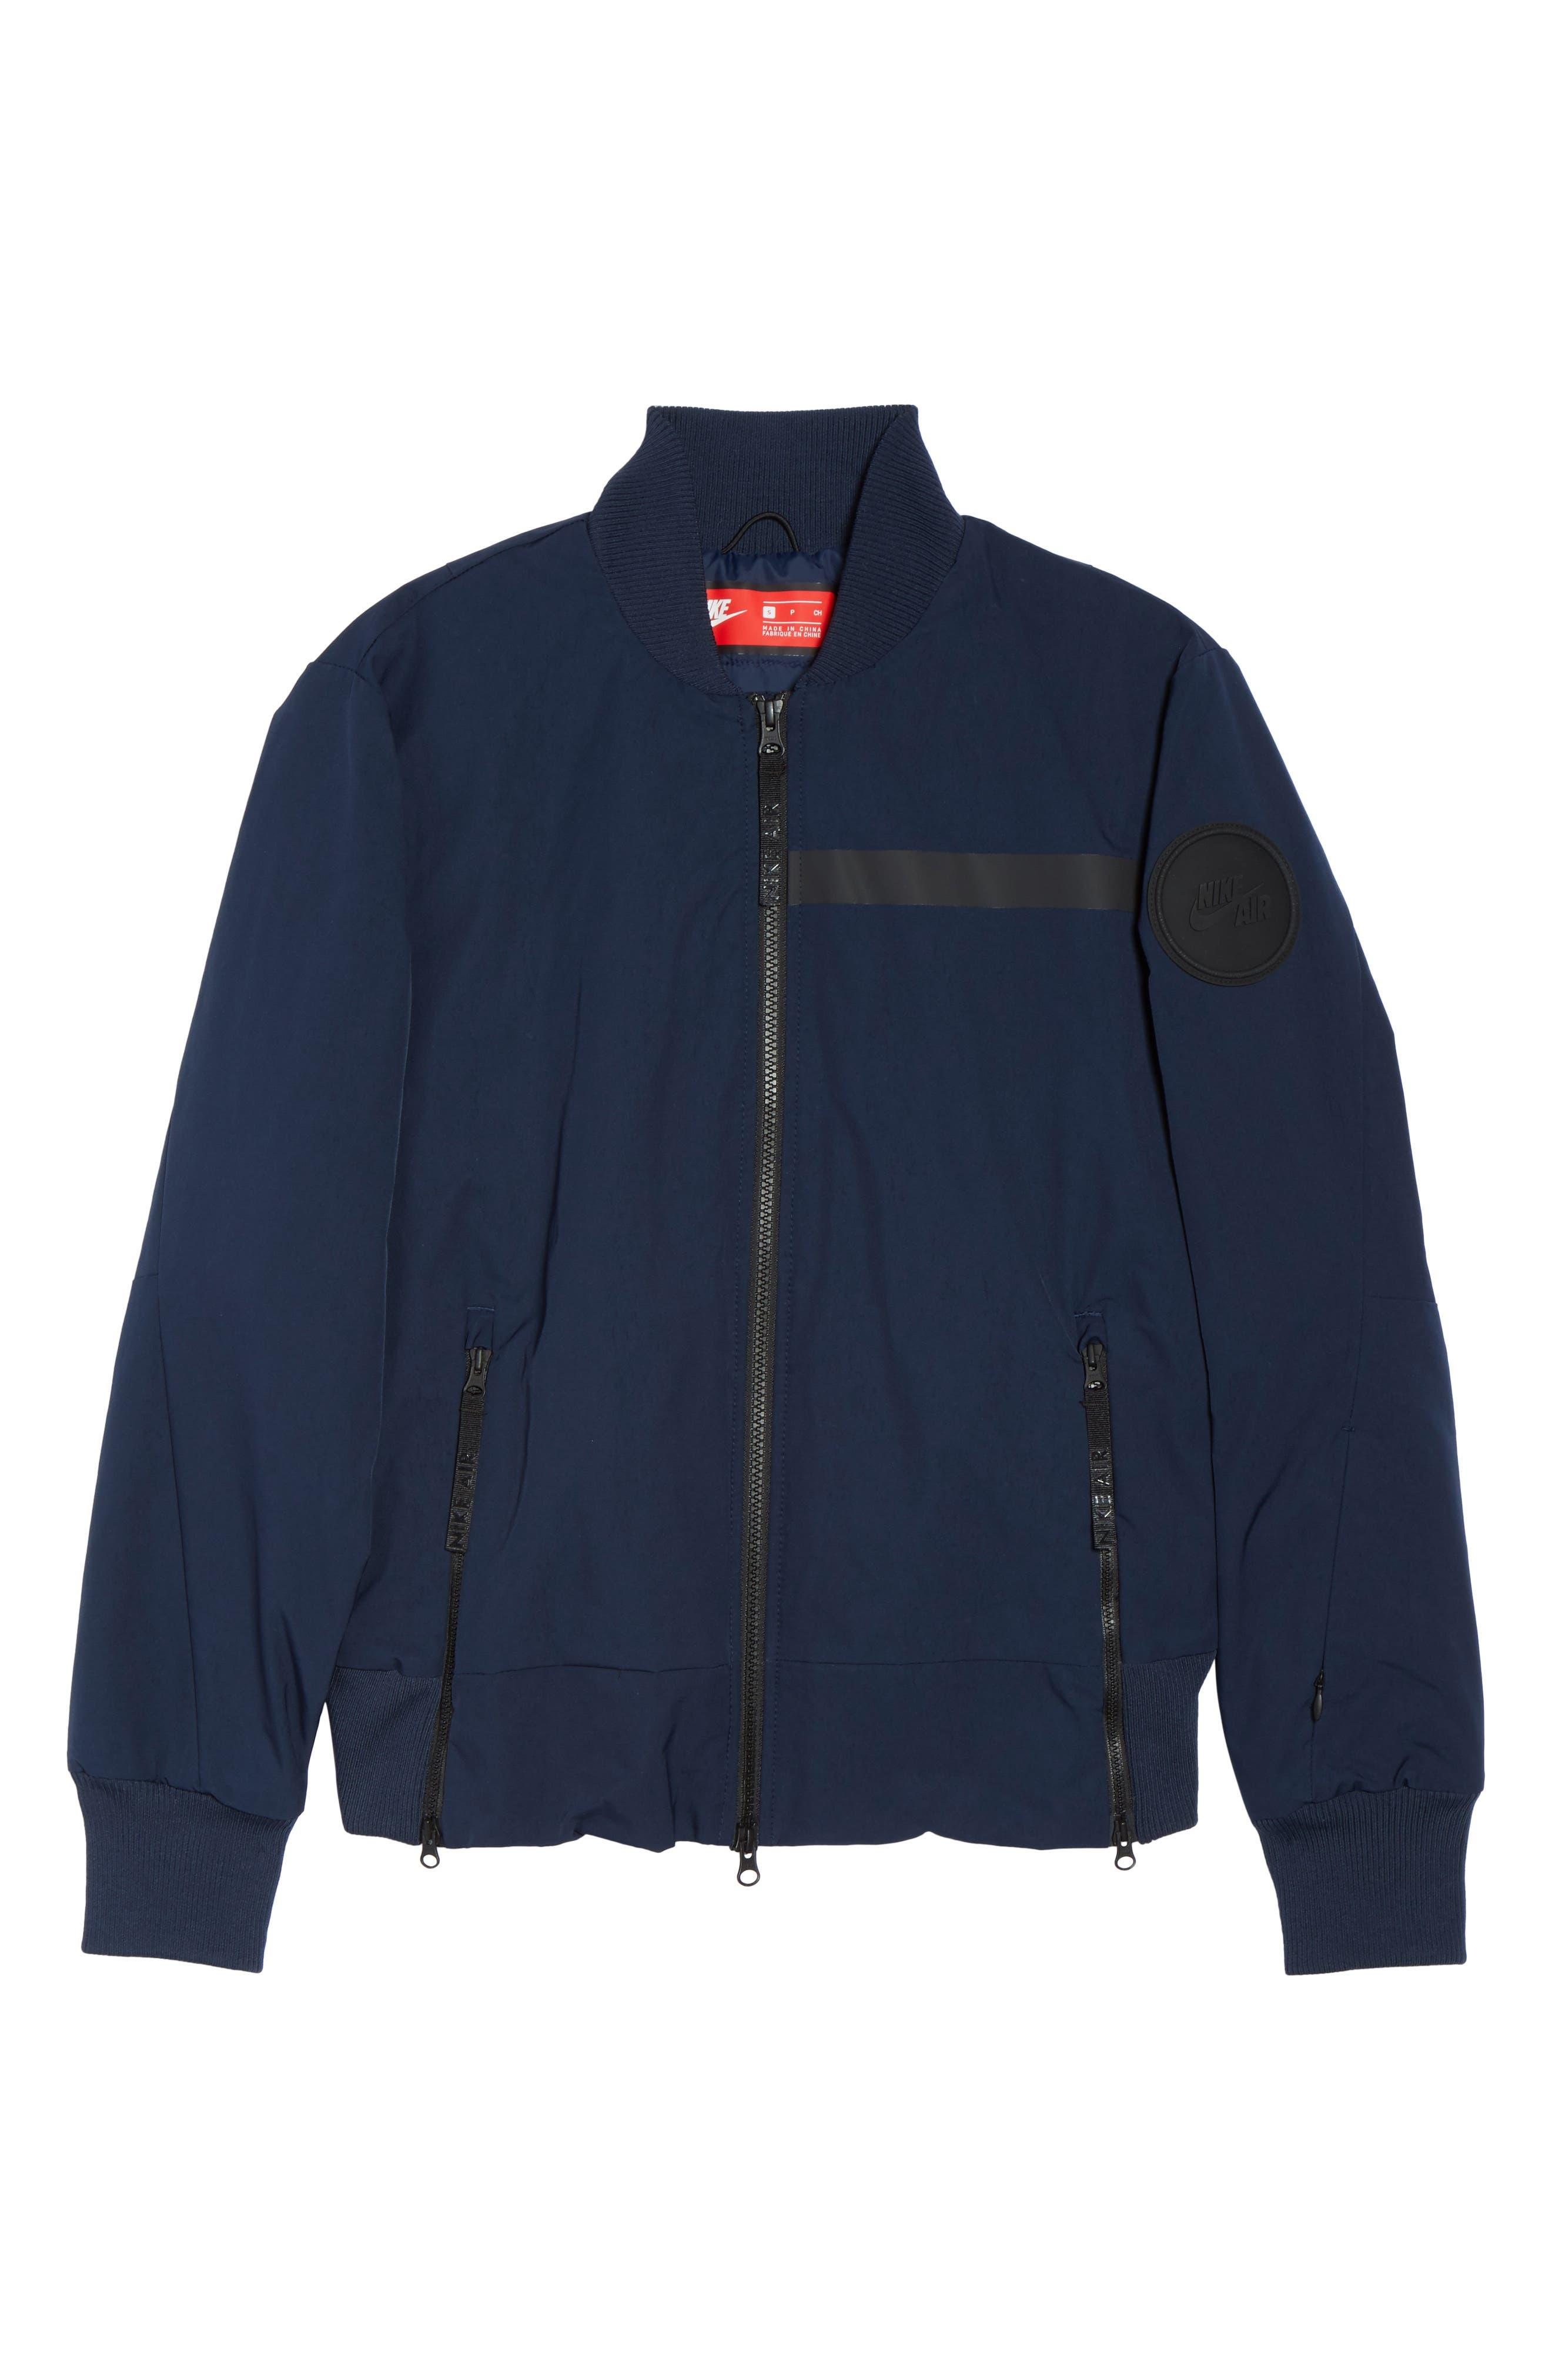 Main Image - Nike Air Jacket